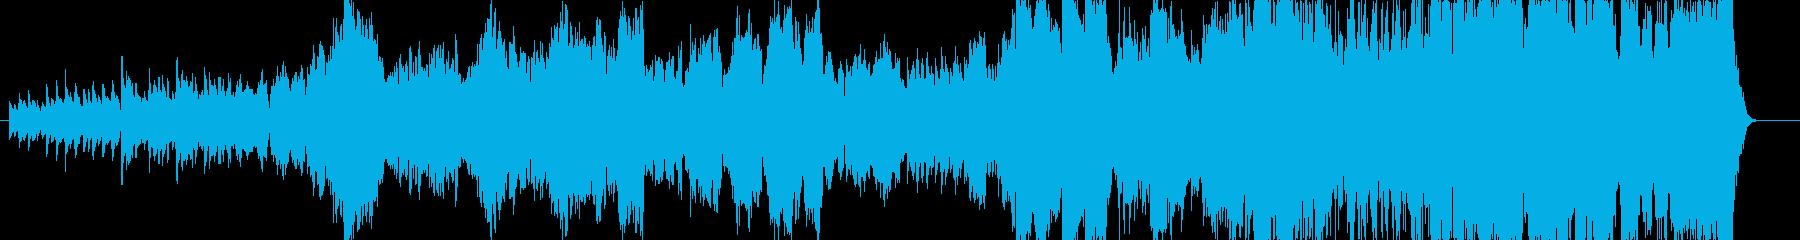 大河ドラマのようなオーケストラ調の再生済みの波形